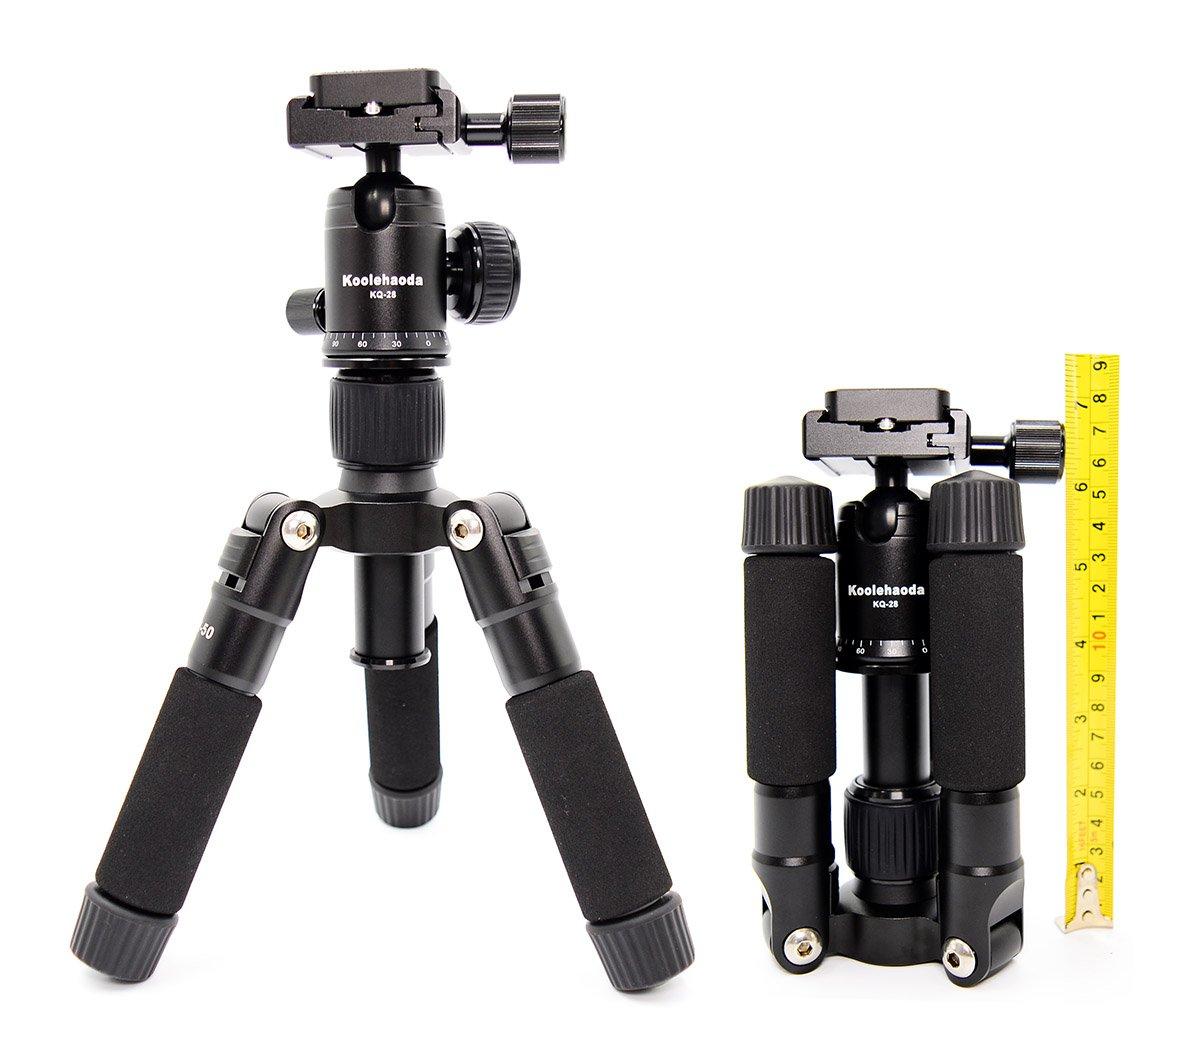 Koolehaoda Portable SLR Camera Tripod Monopod /& Ball Head Portable Compact Travel